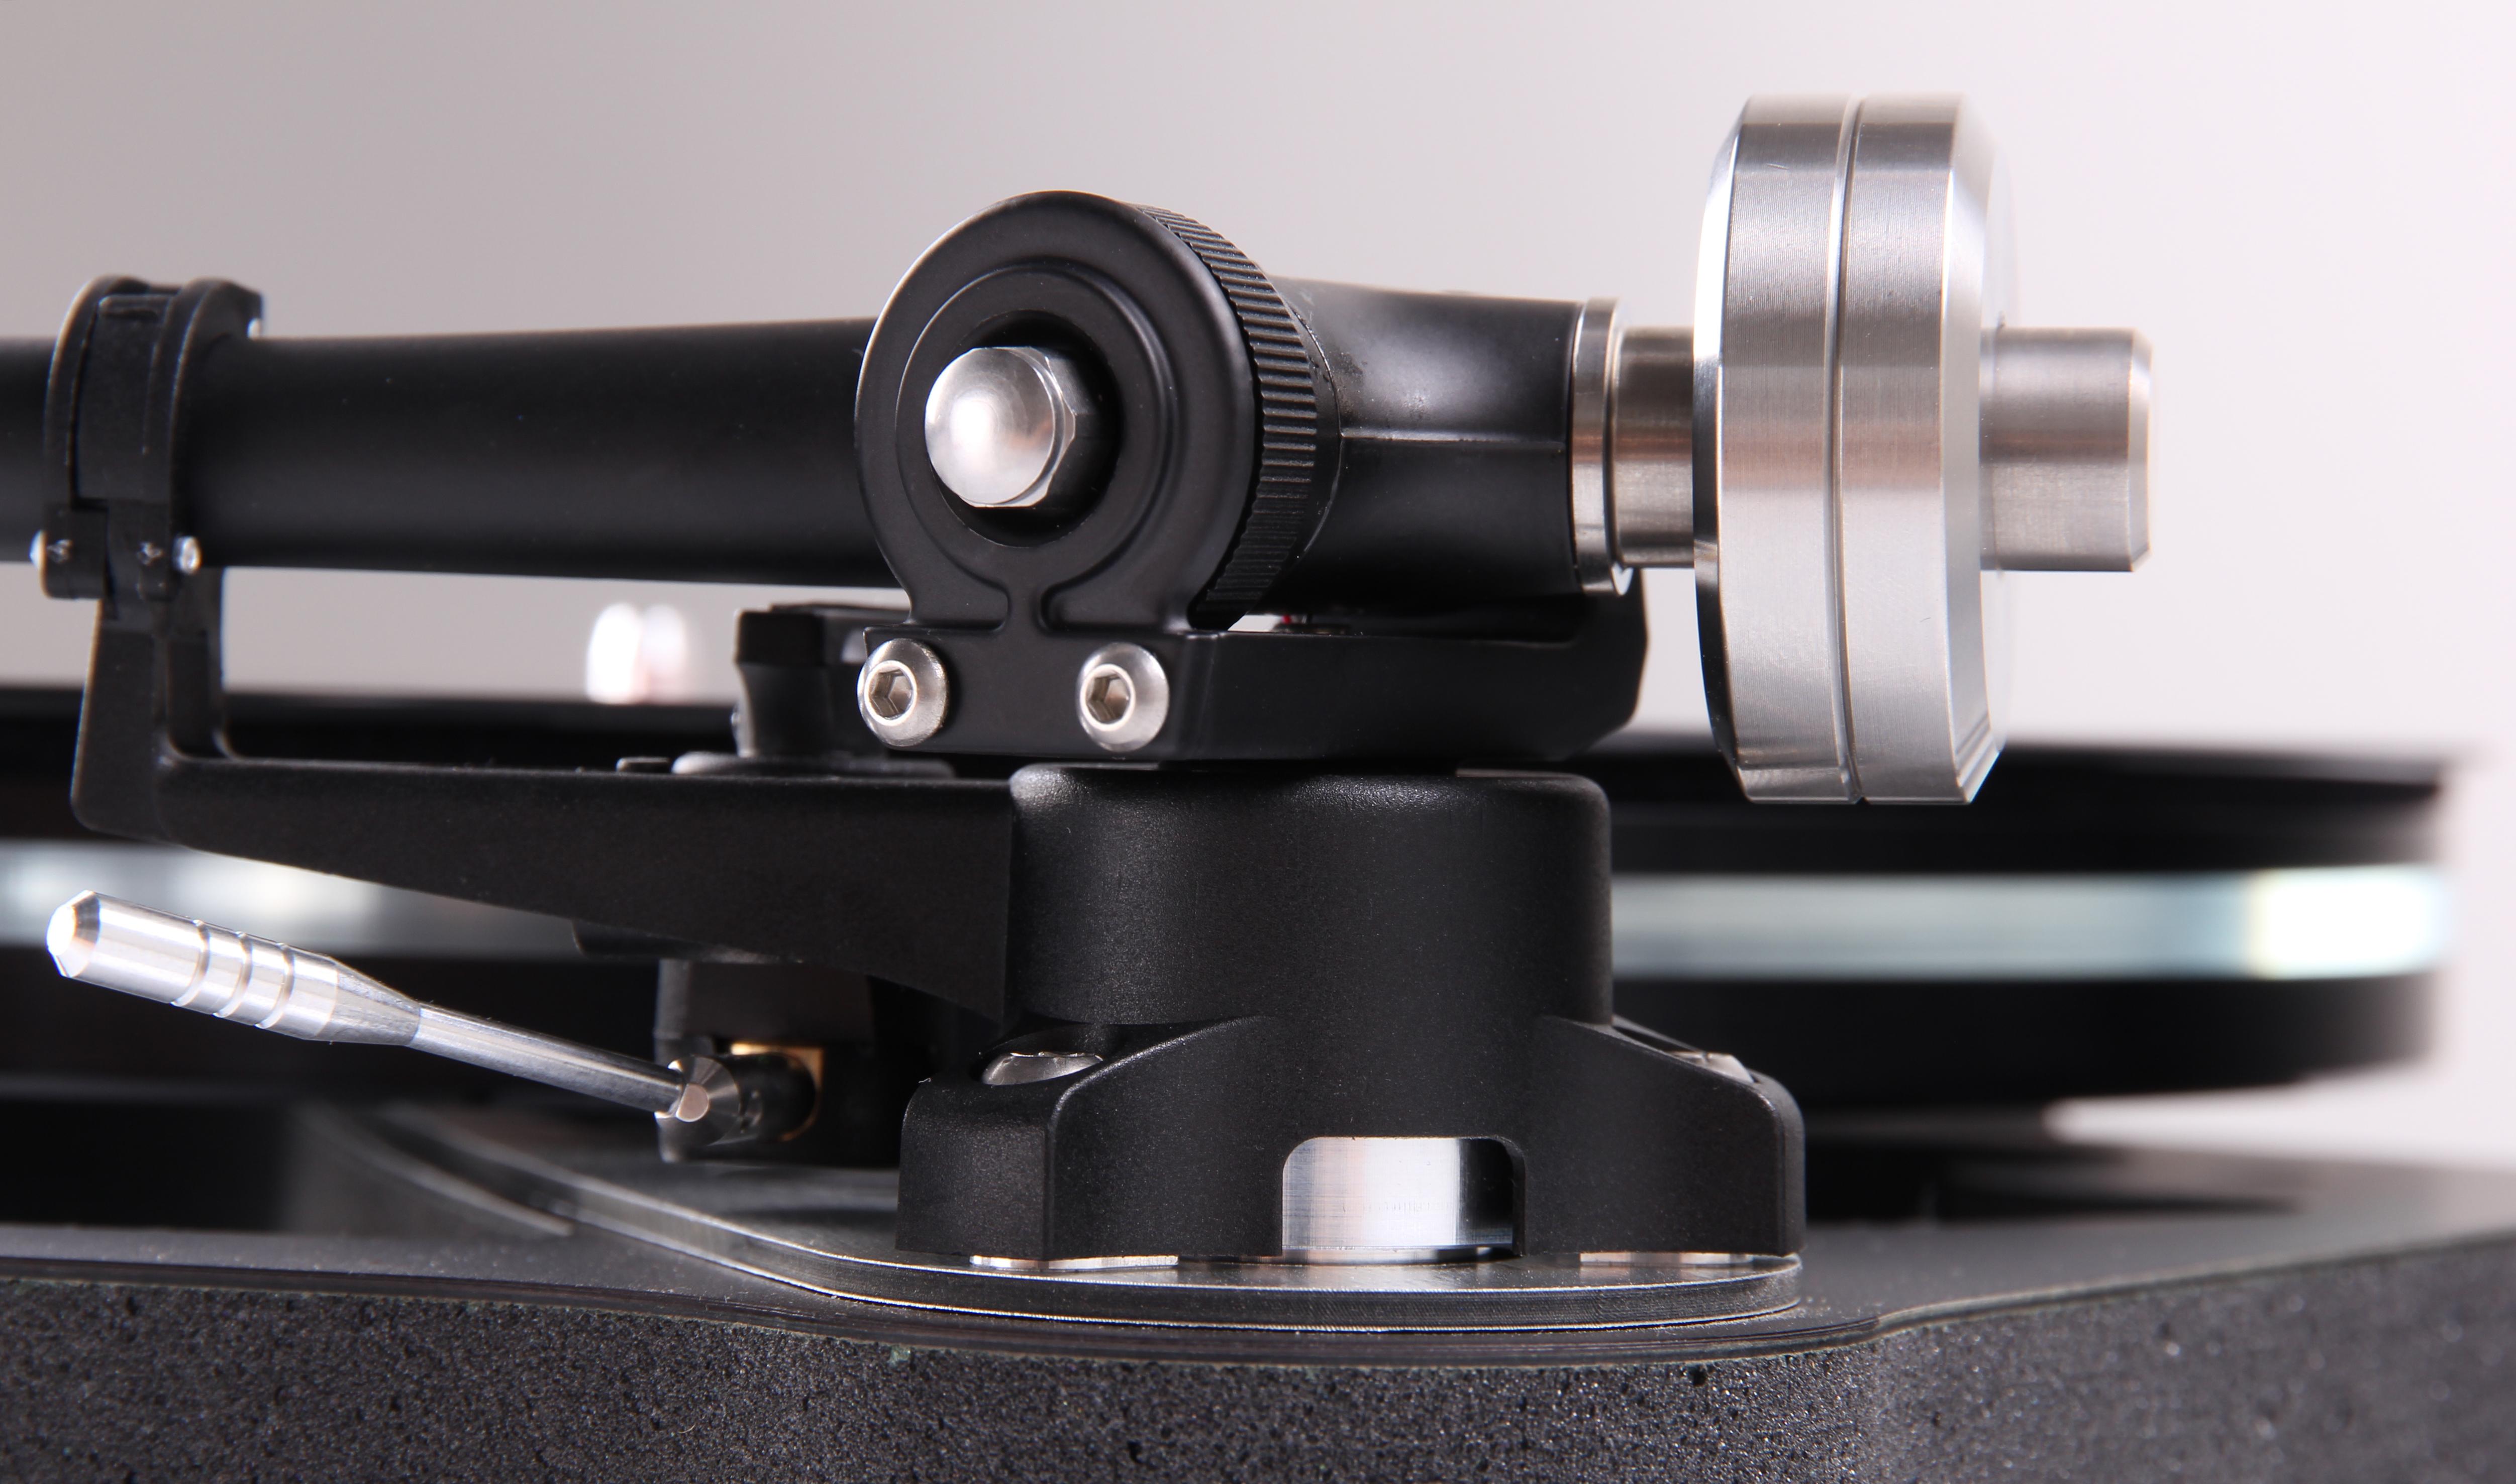 RB880 トーンアームを搭載 発売以来高い評価をされている…